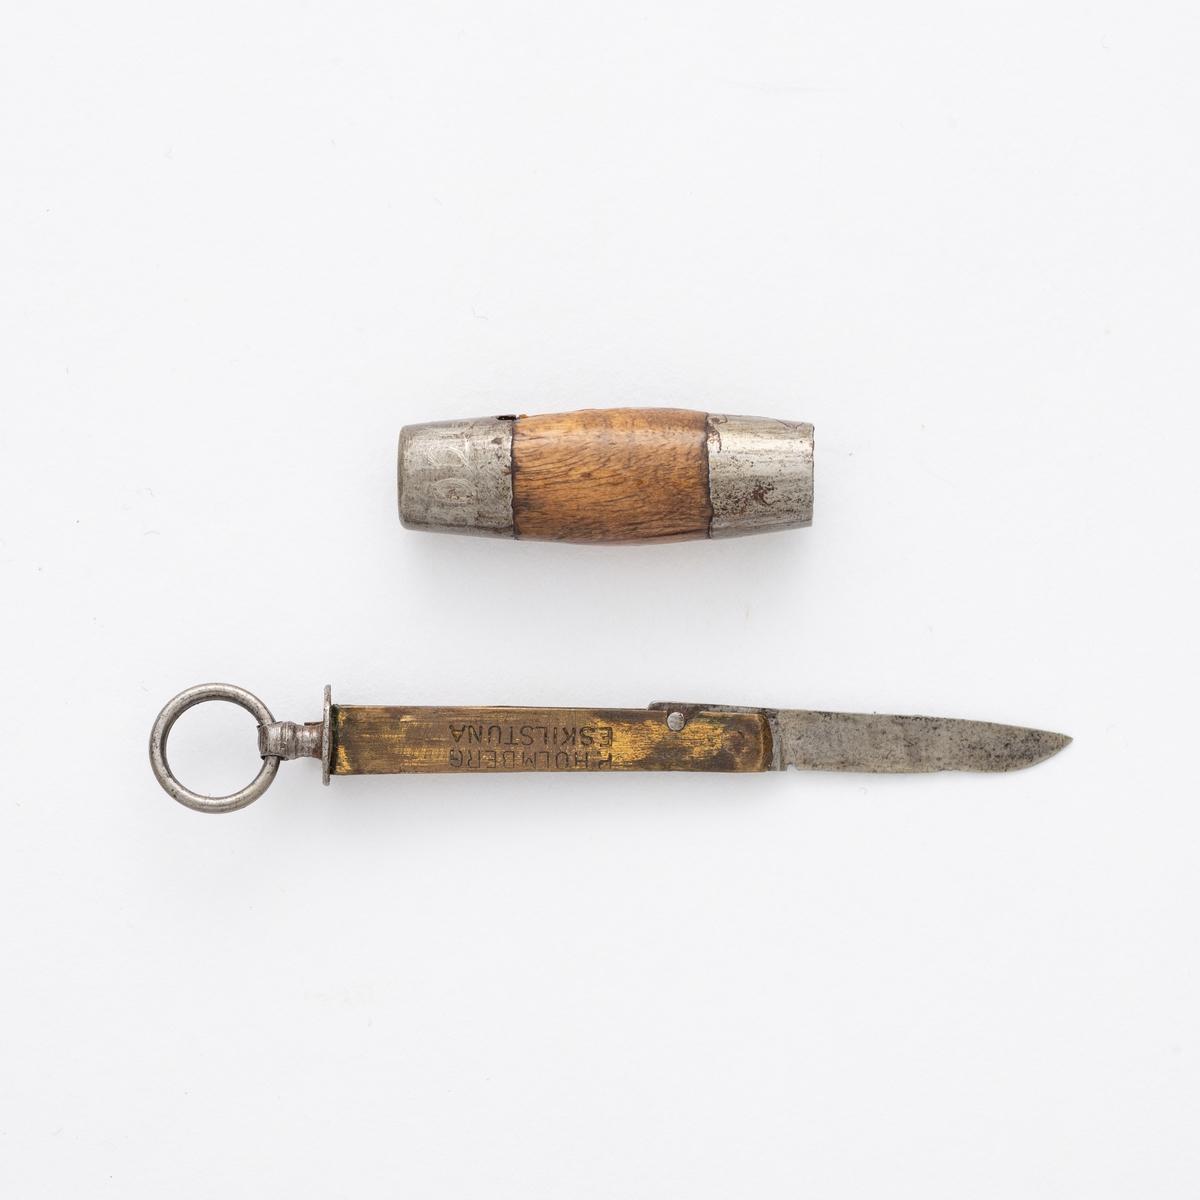 Liten sammenleggbar kniv i stål og messing med oval slire i tre og metall. Metallring til å trekke kniven ut av sliren.